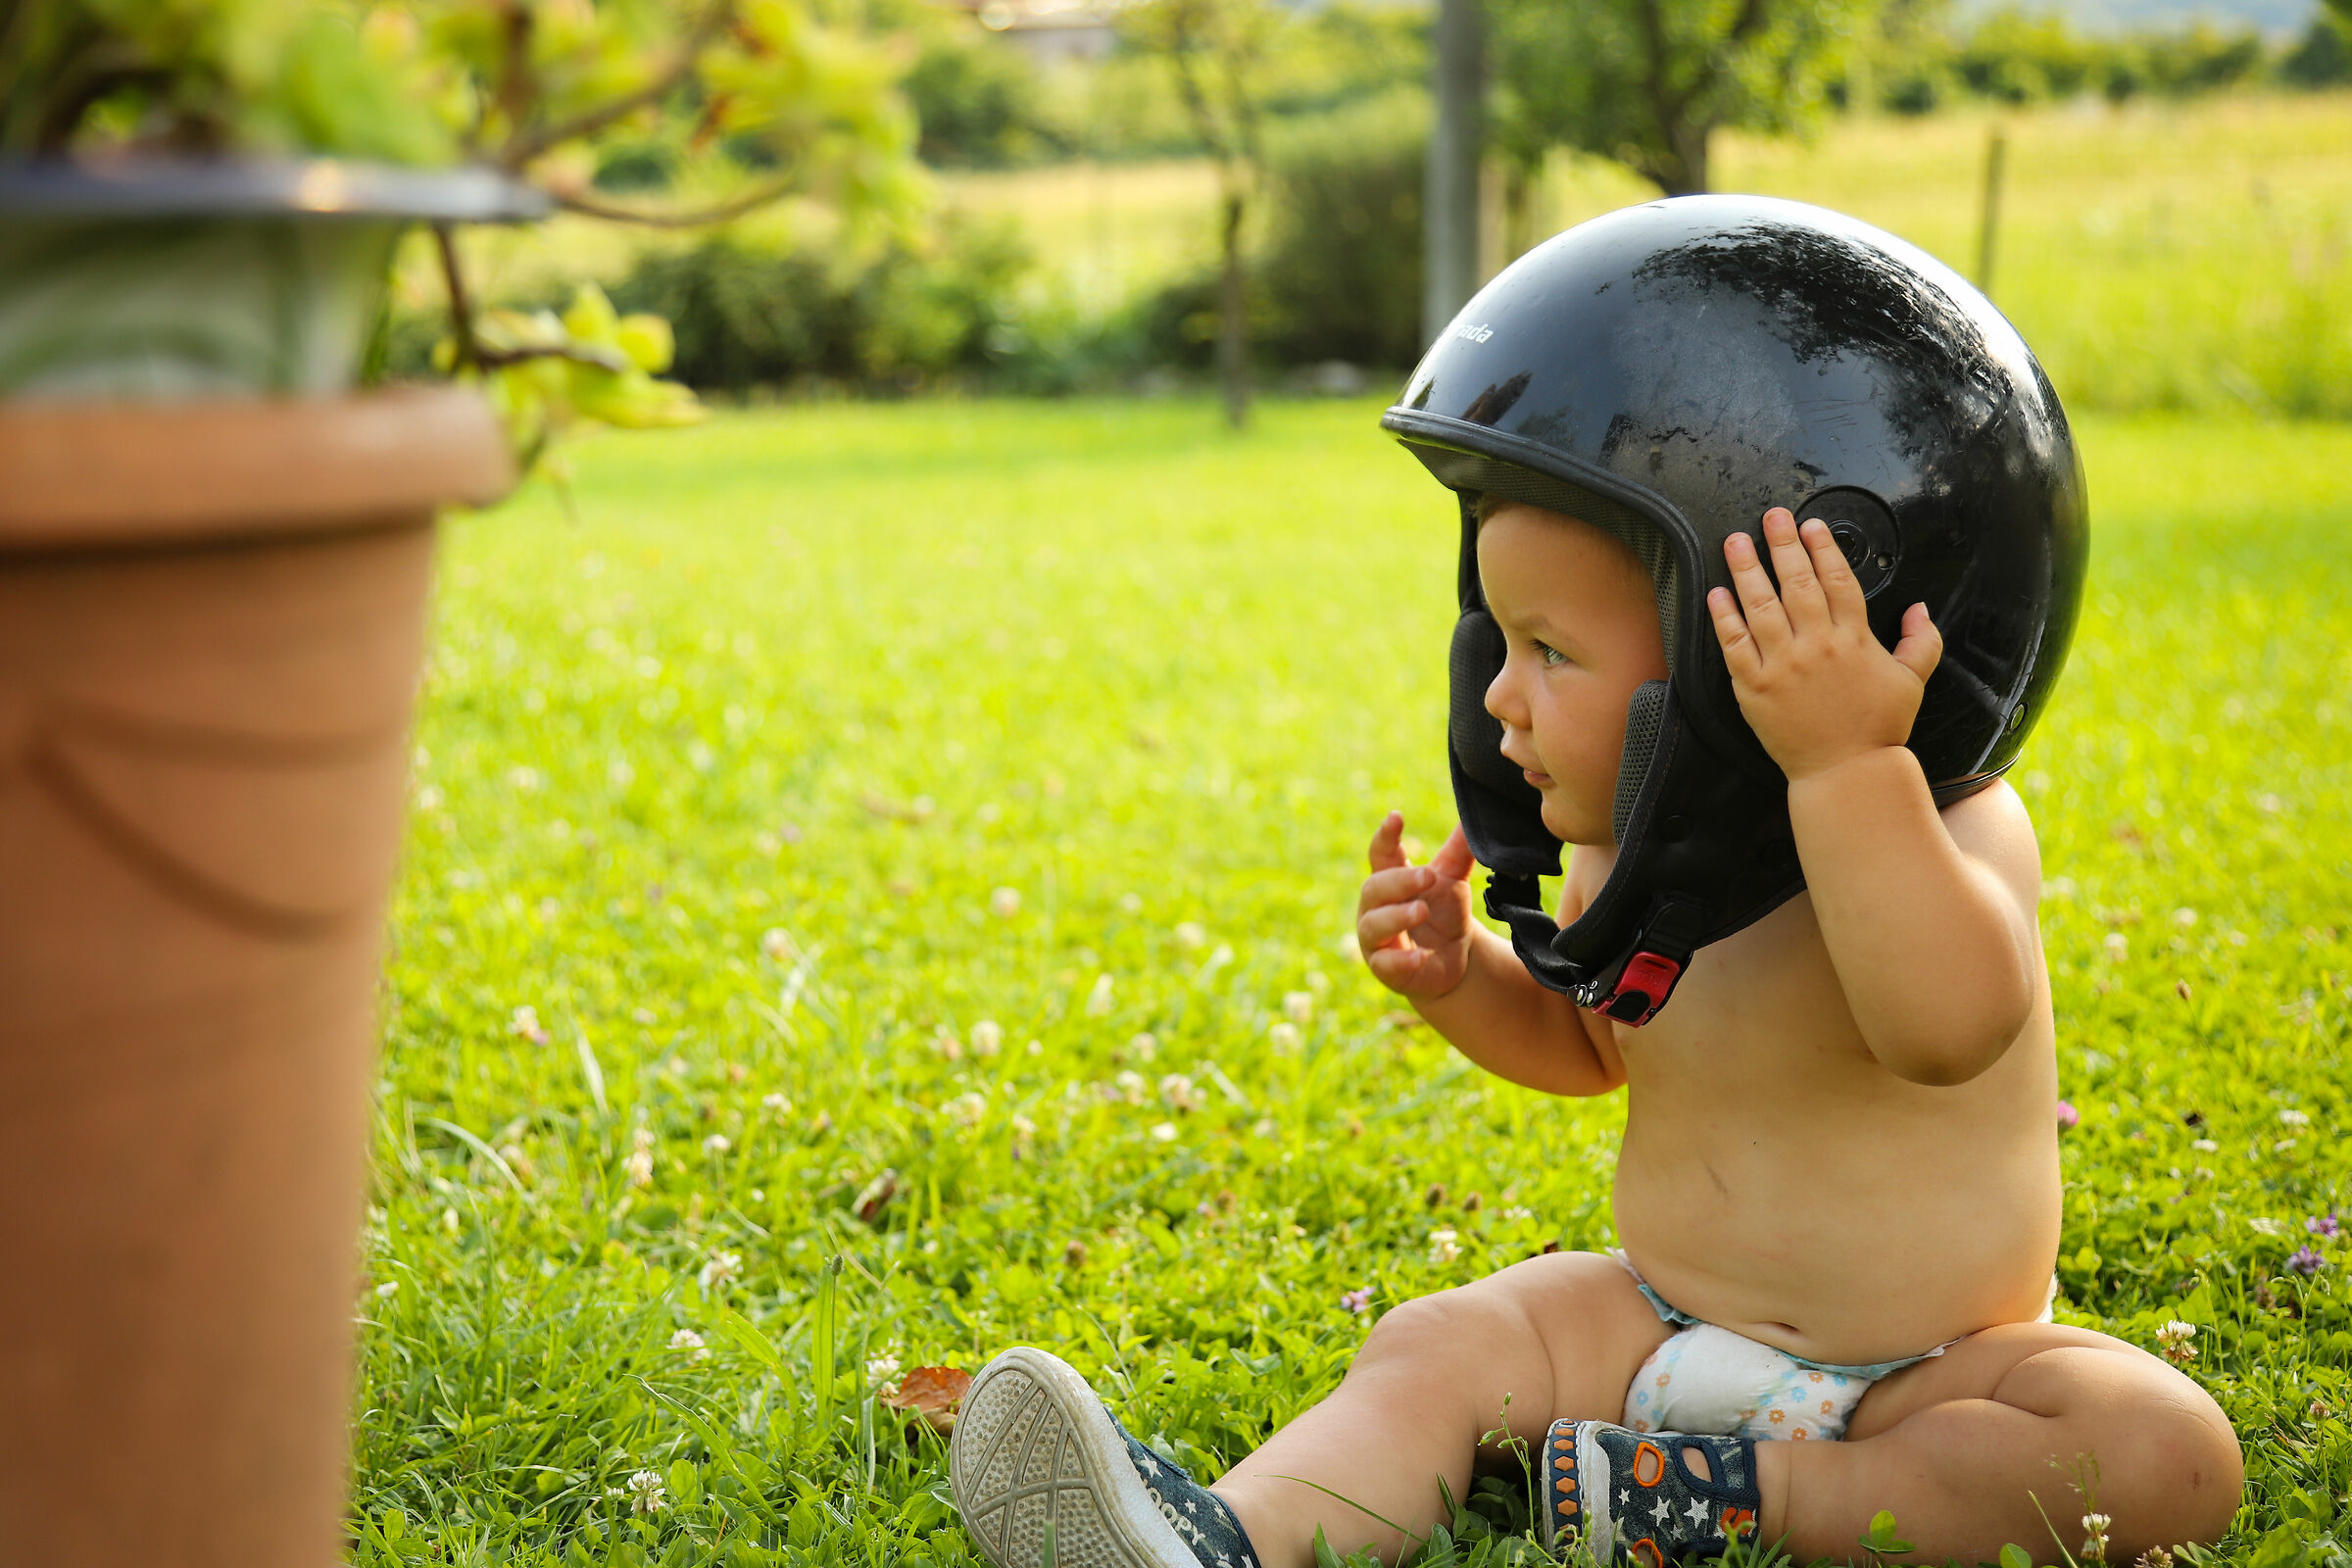 Da grande faro il motociclista...